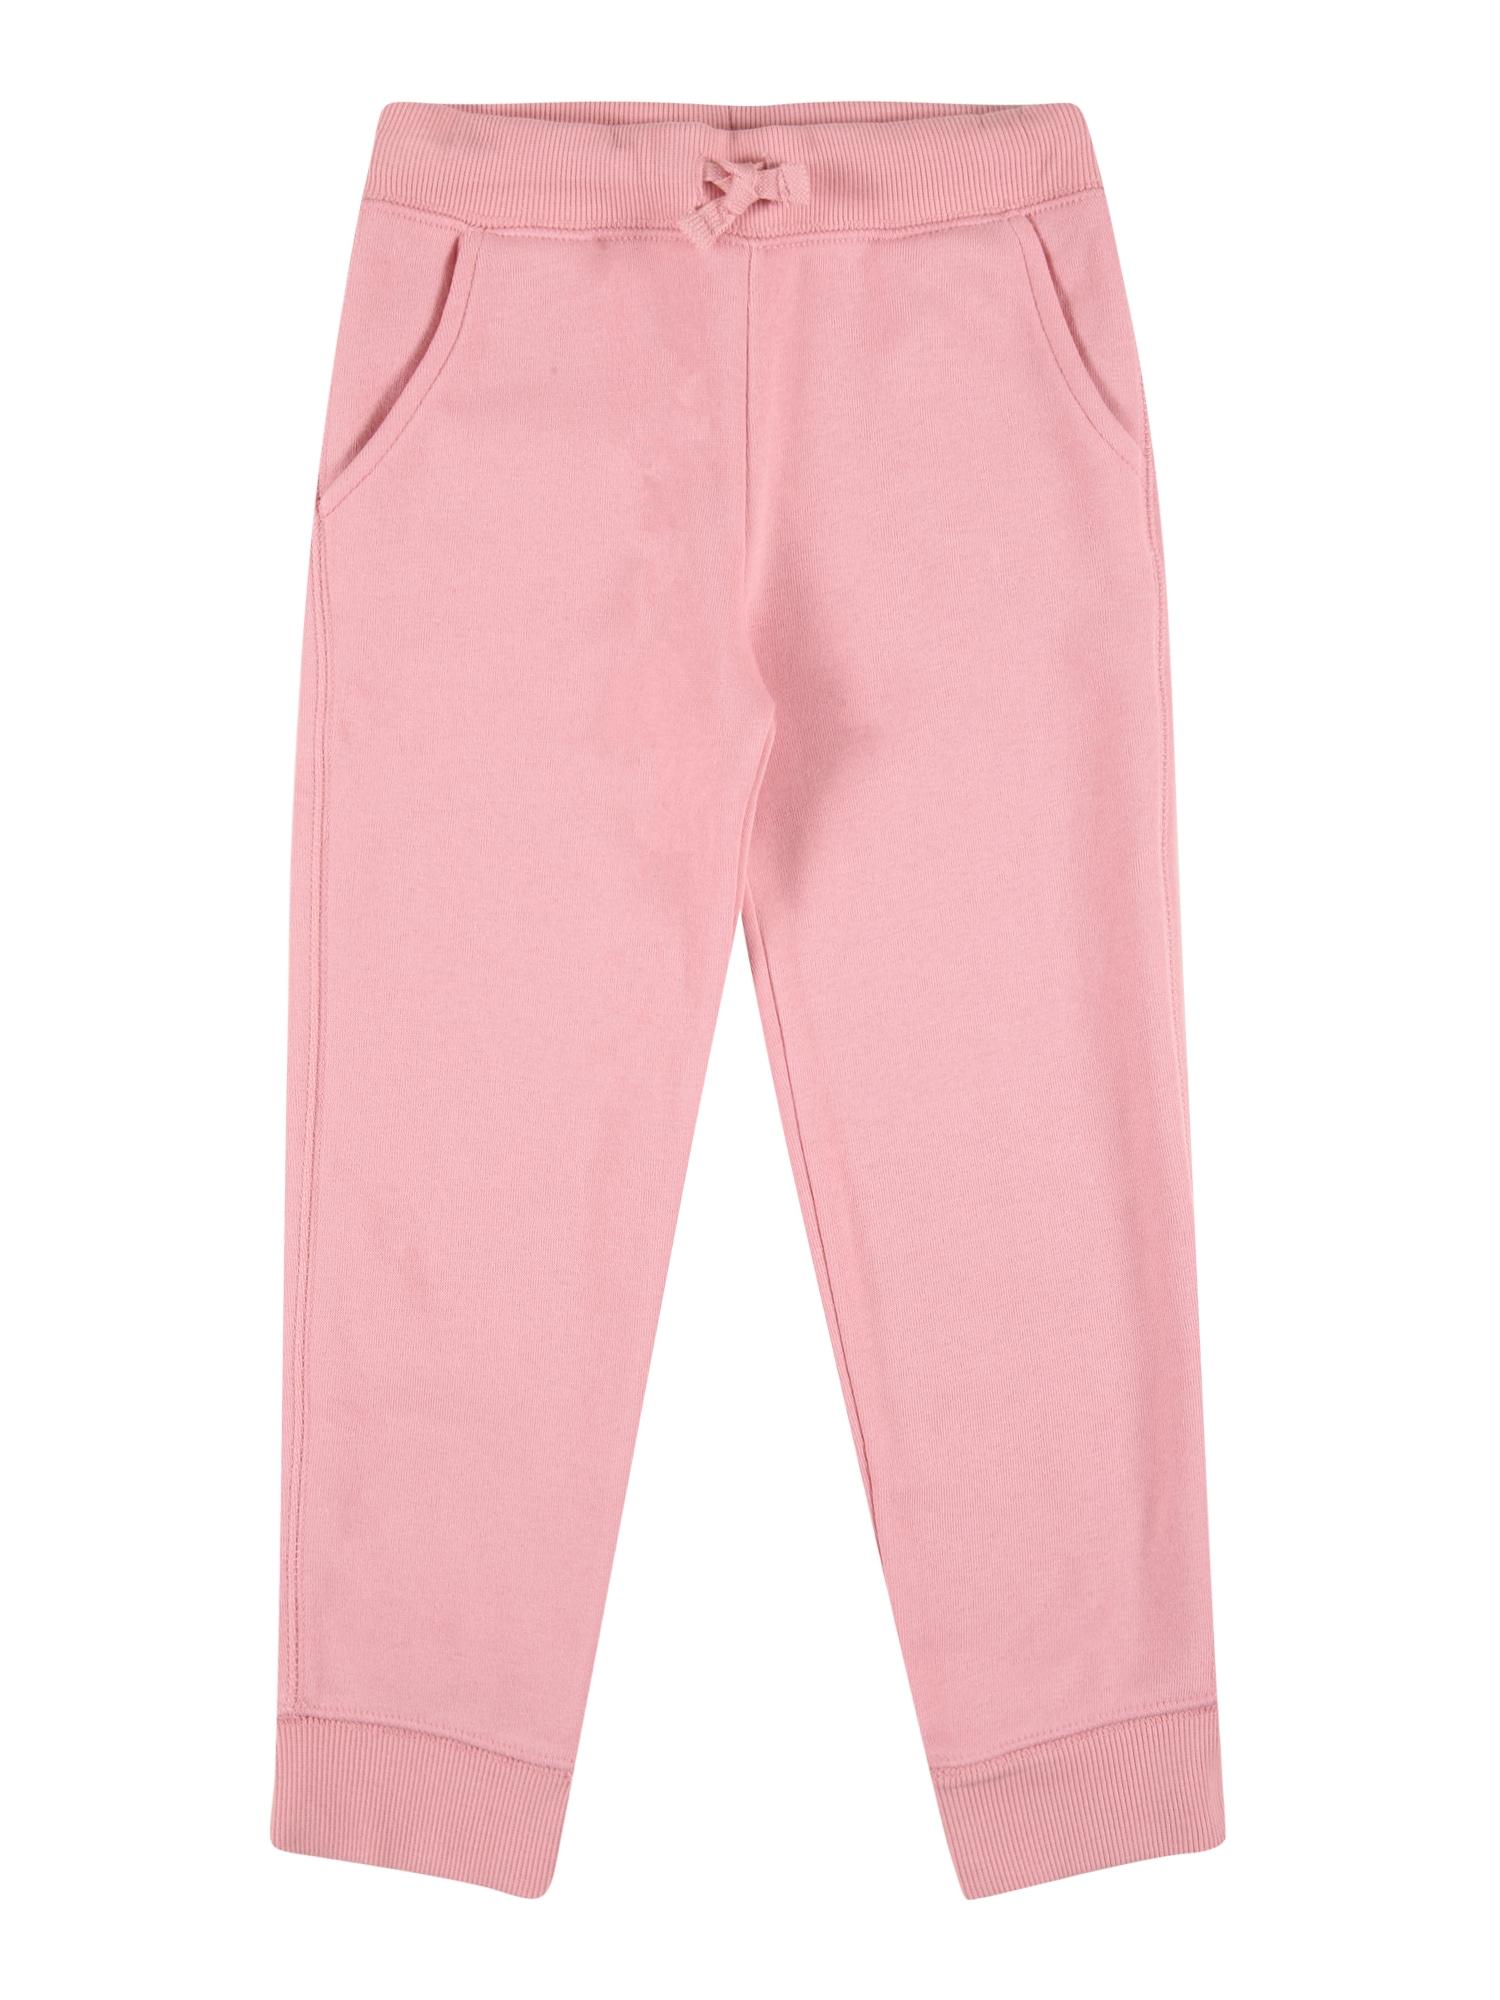 OshKosh Kelnės ryškiai rožinė spalva